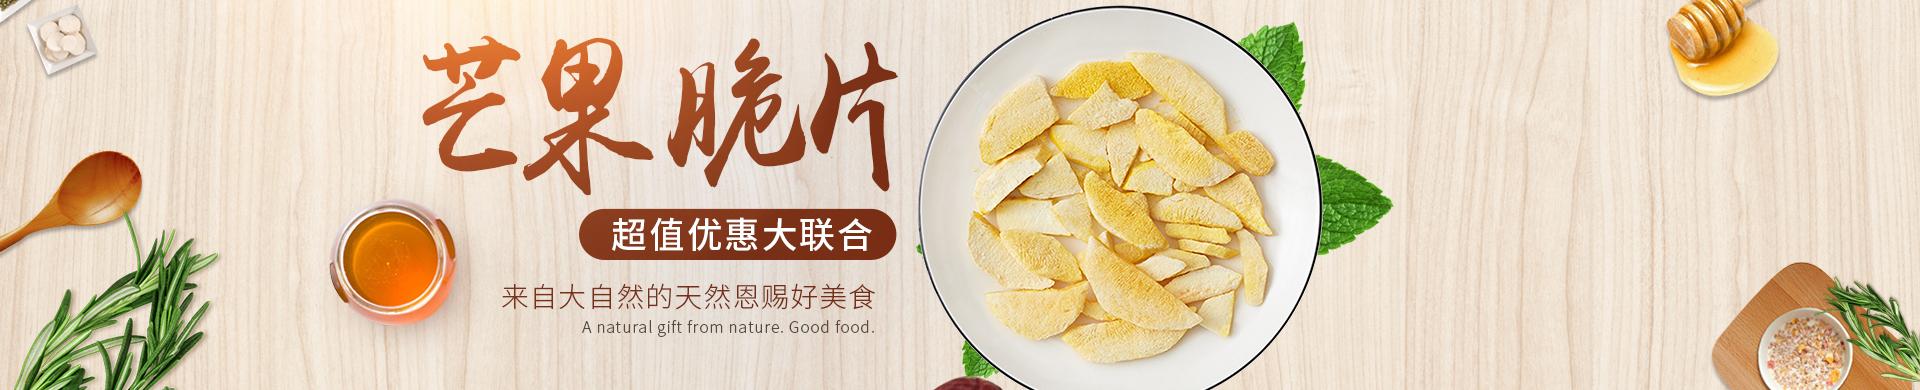 中国果蔬脆片交易网